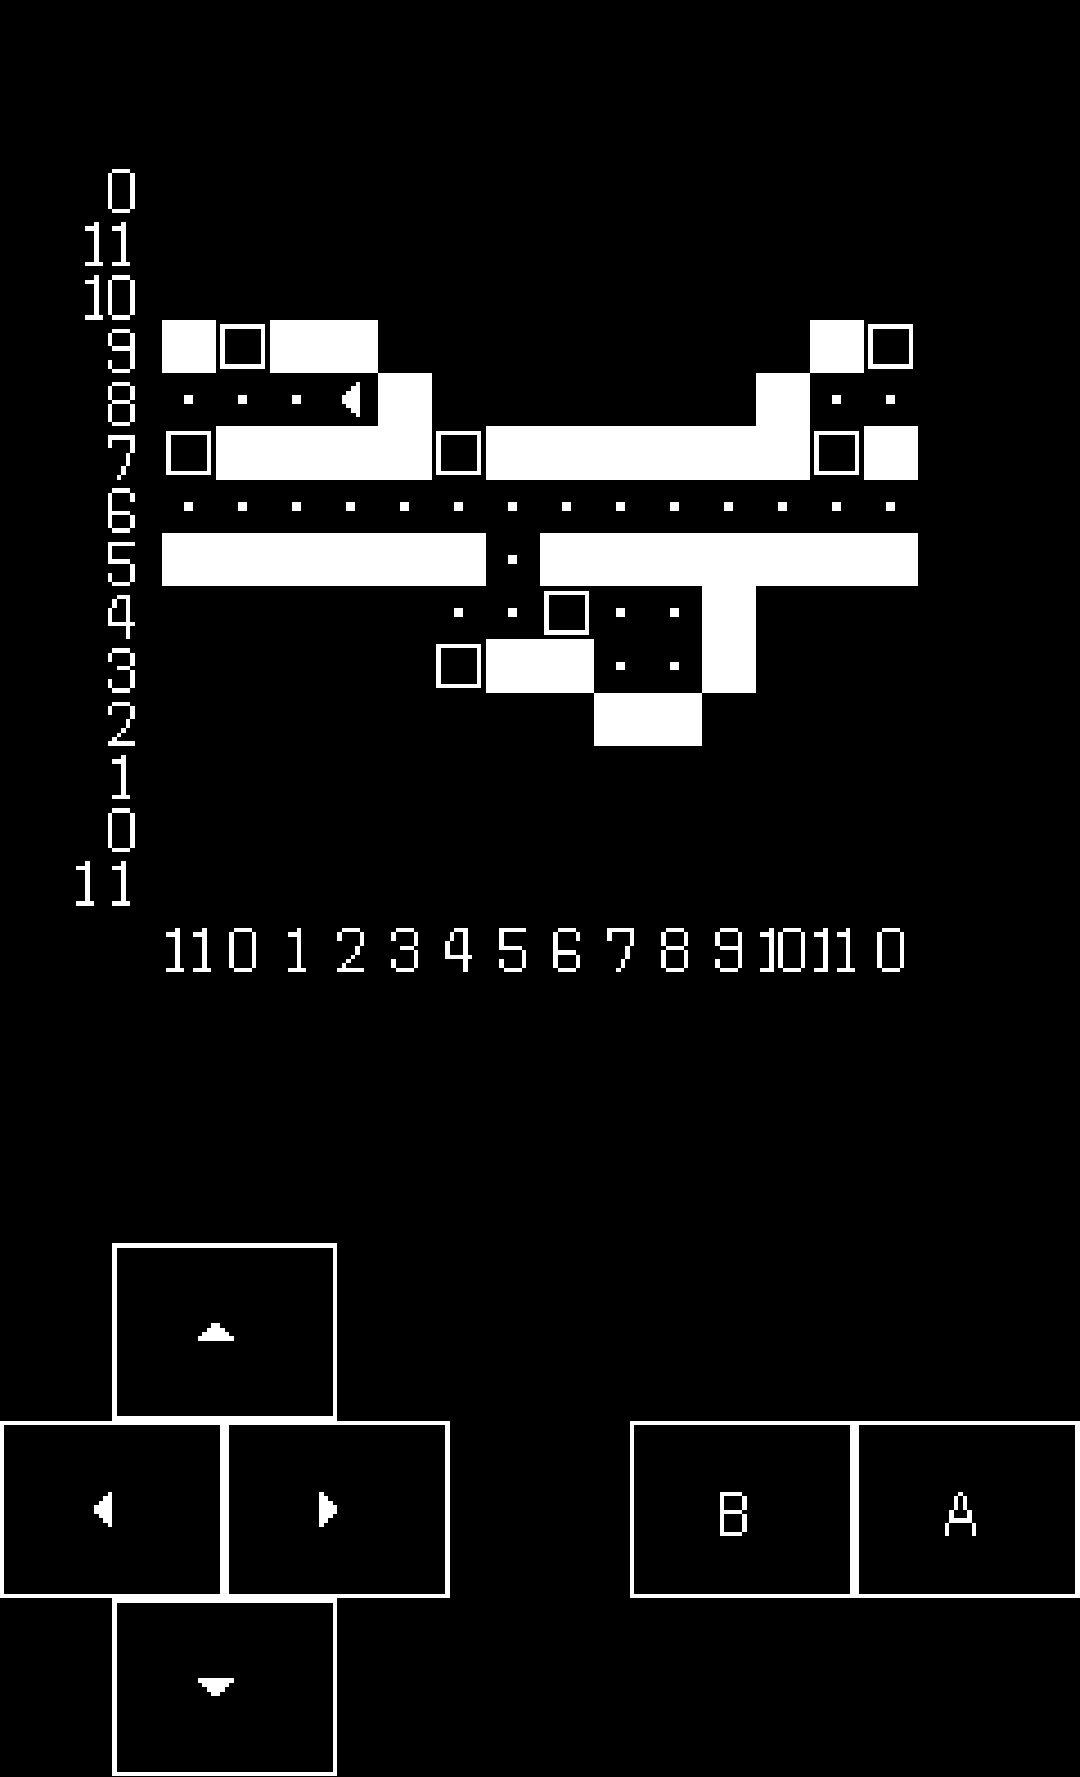 シャドウ オブ ガーディアン(Shadow of guardian) androidアプリスクリーンショット2